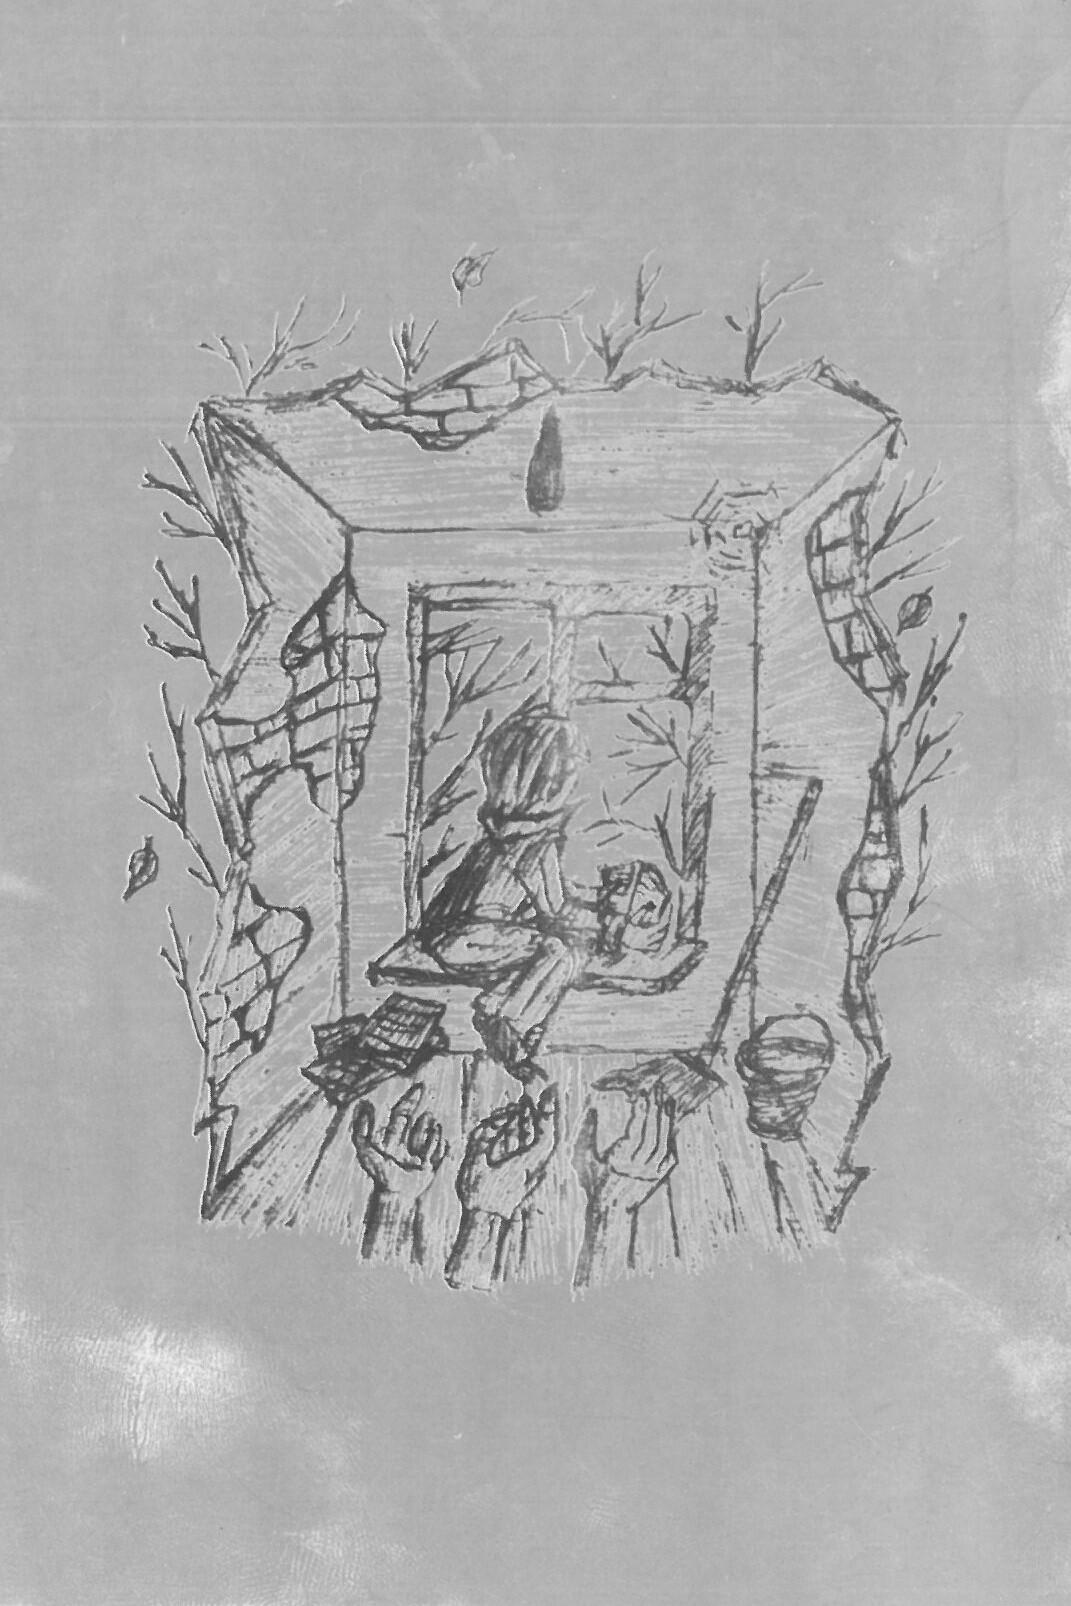 Зеркалинки - Константин Павлов (2)